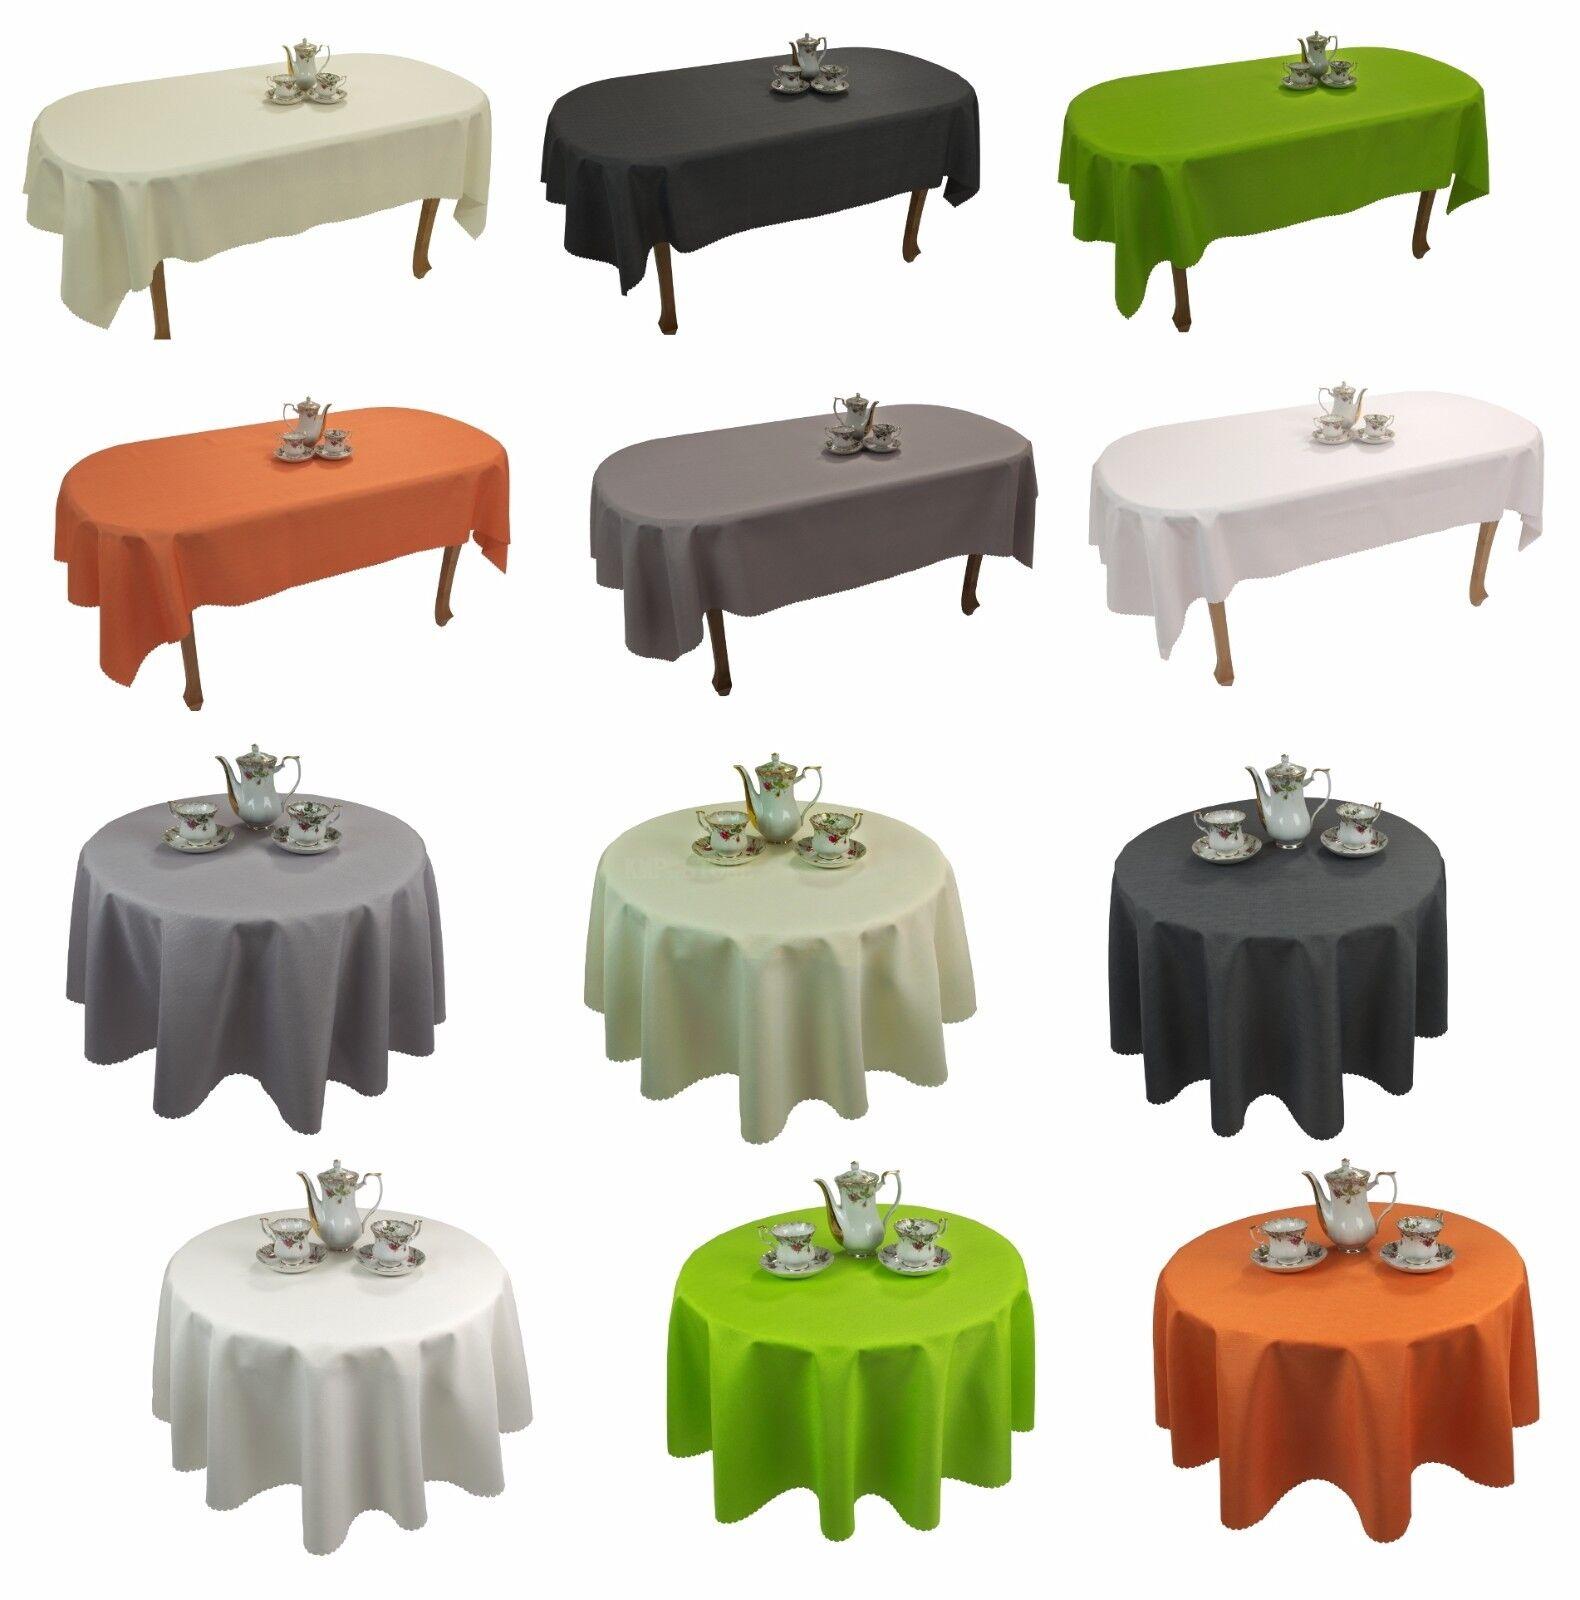 Tischdecke abwaschbar Tischläufer Gartentischdecke Leinen Optik Rechteckig Rund